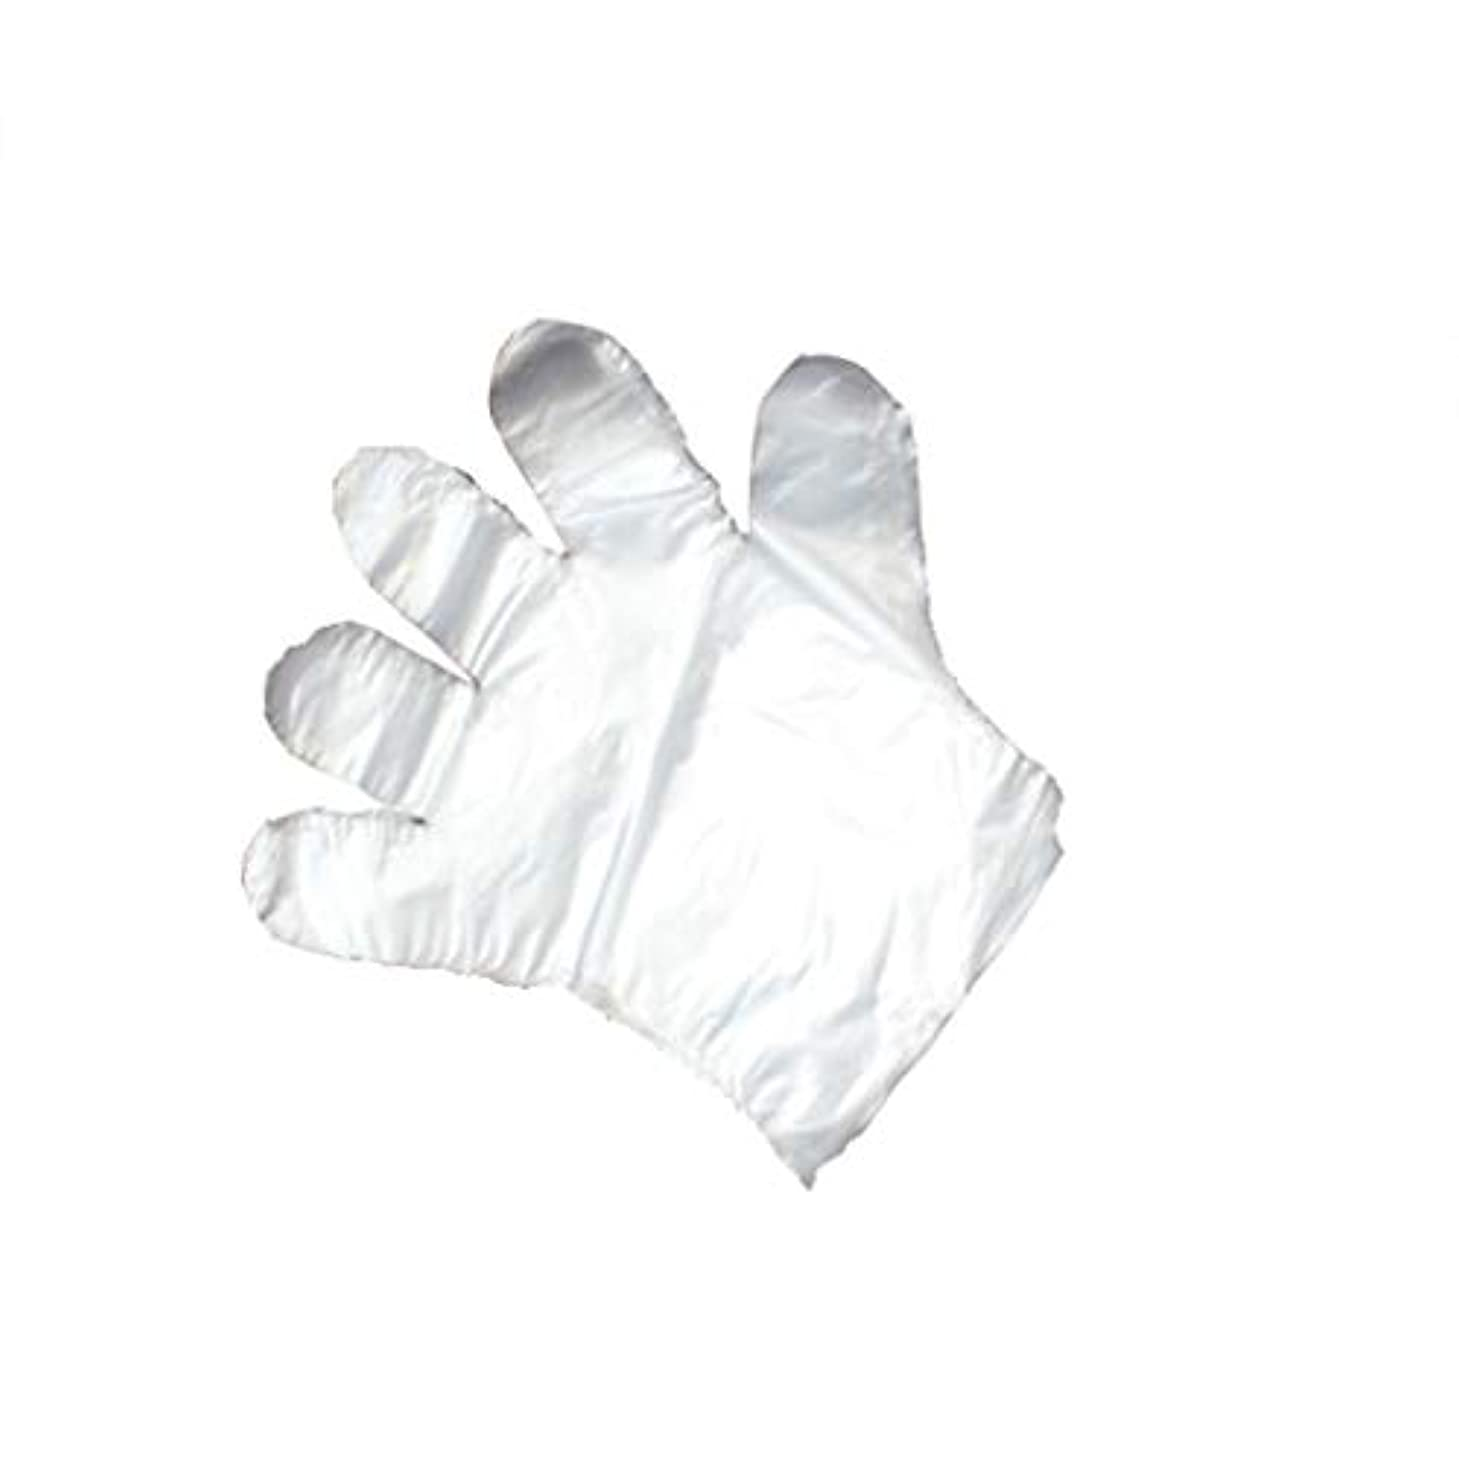 大邸宅眠いです準備ができて手袋、使い捨て手袋、透明な肥厚、美しさ、家庭掃除、手袋、白、透明、5パック、500袋。 (UnitCount : 1000)